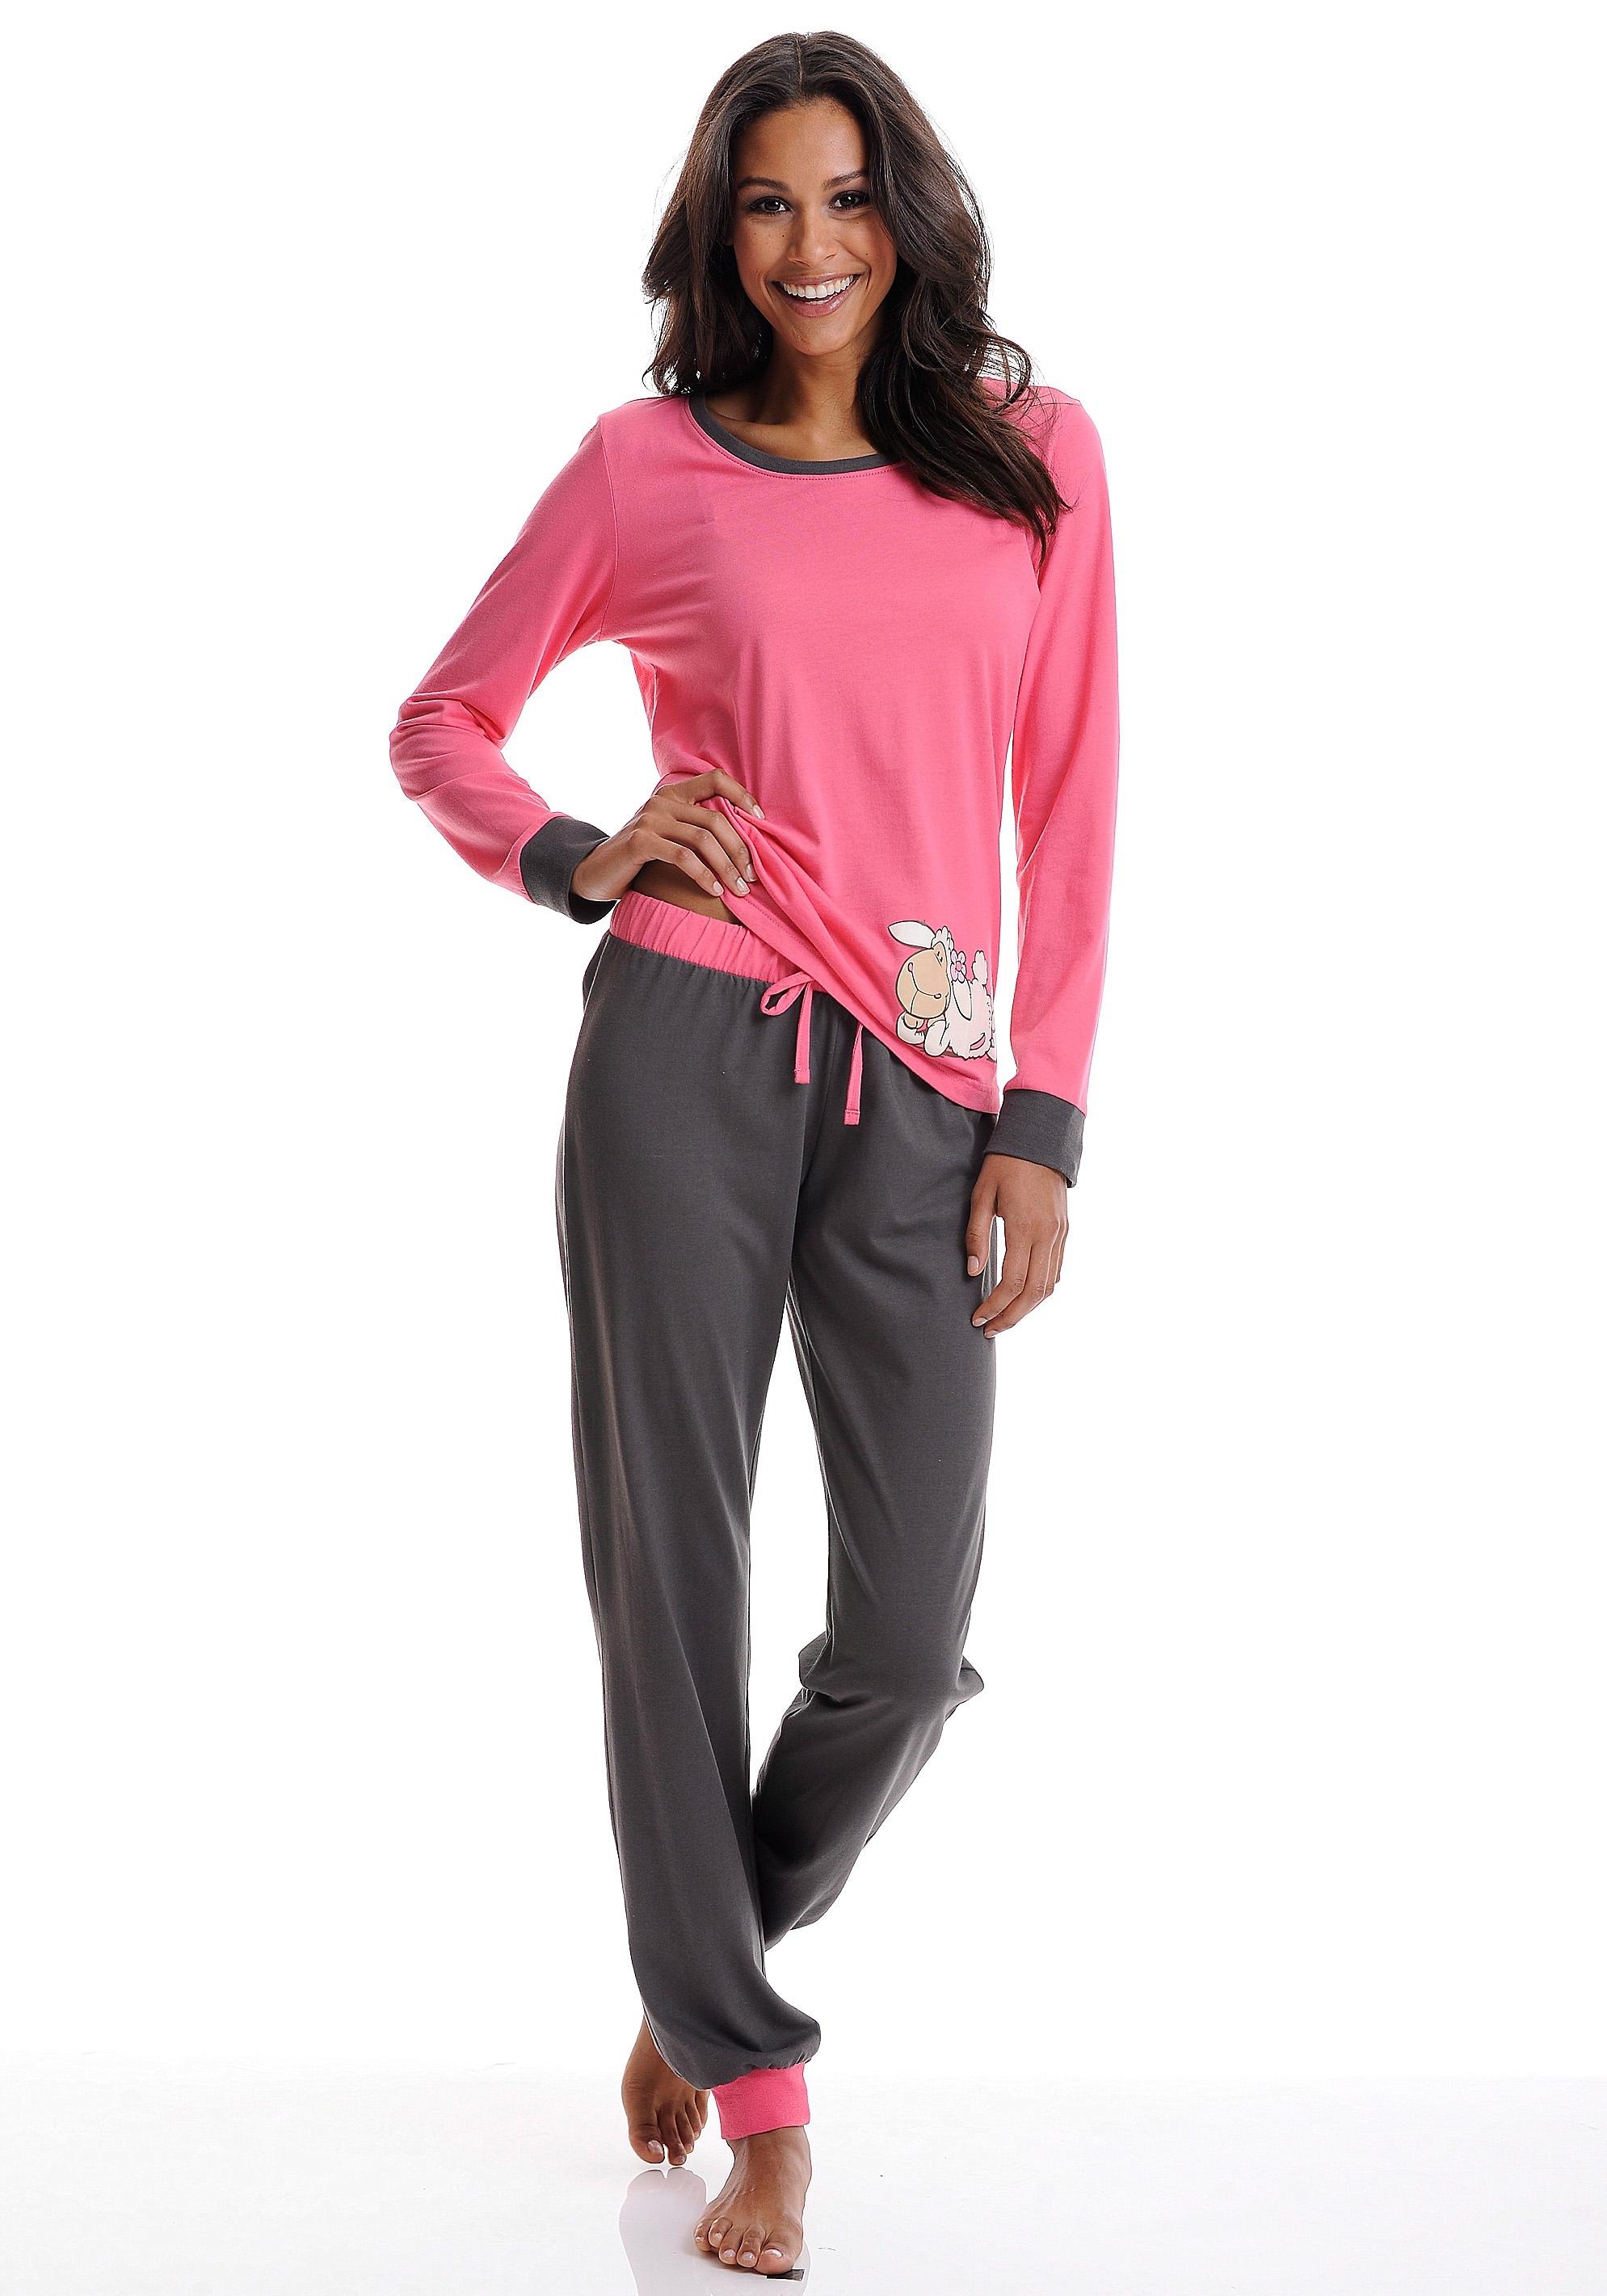 Nici Pyjama met contrastkleurige details in de webshop van Lascana kopen